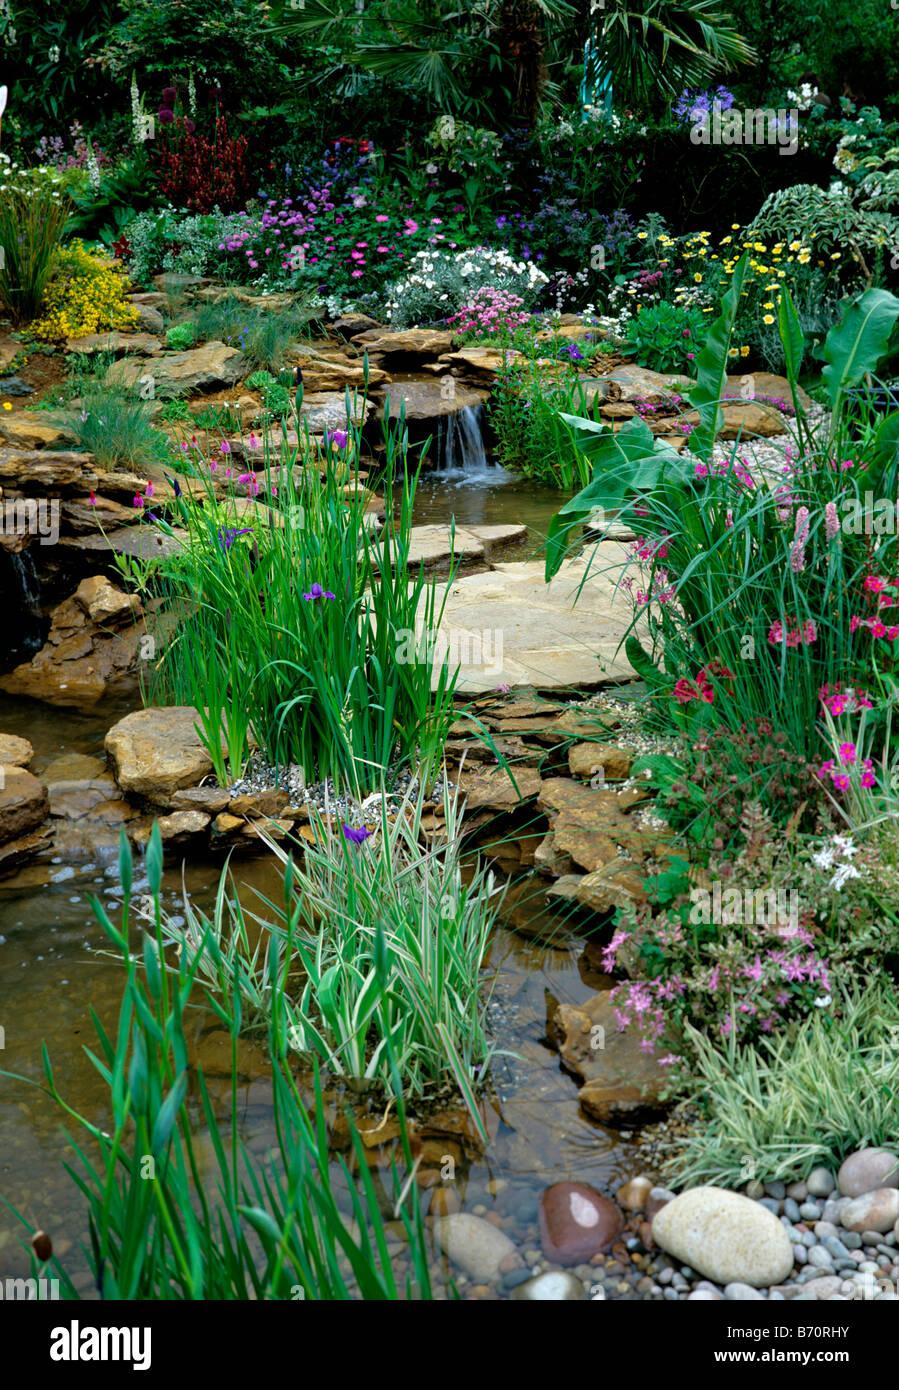 Attraktive Renaturierung Mit Kleinen Wasserfallen In Einem